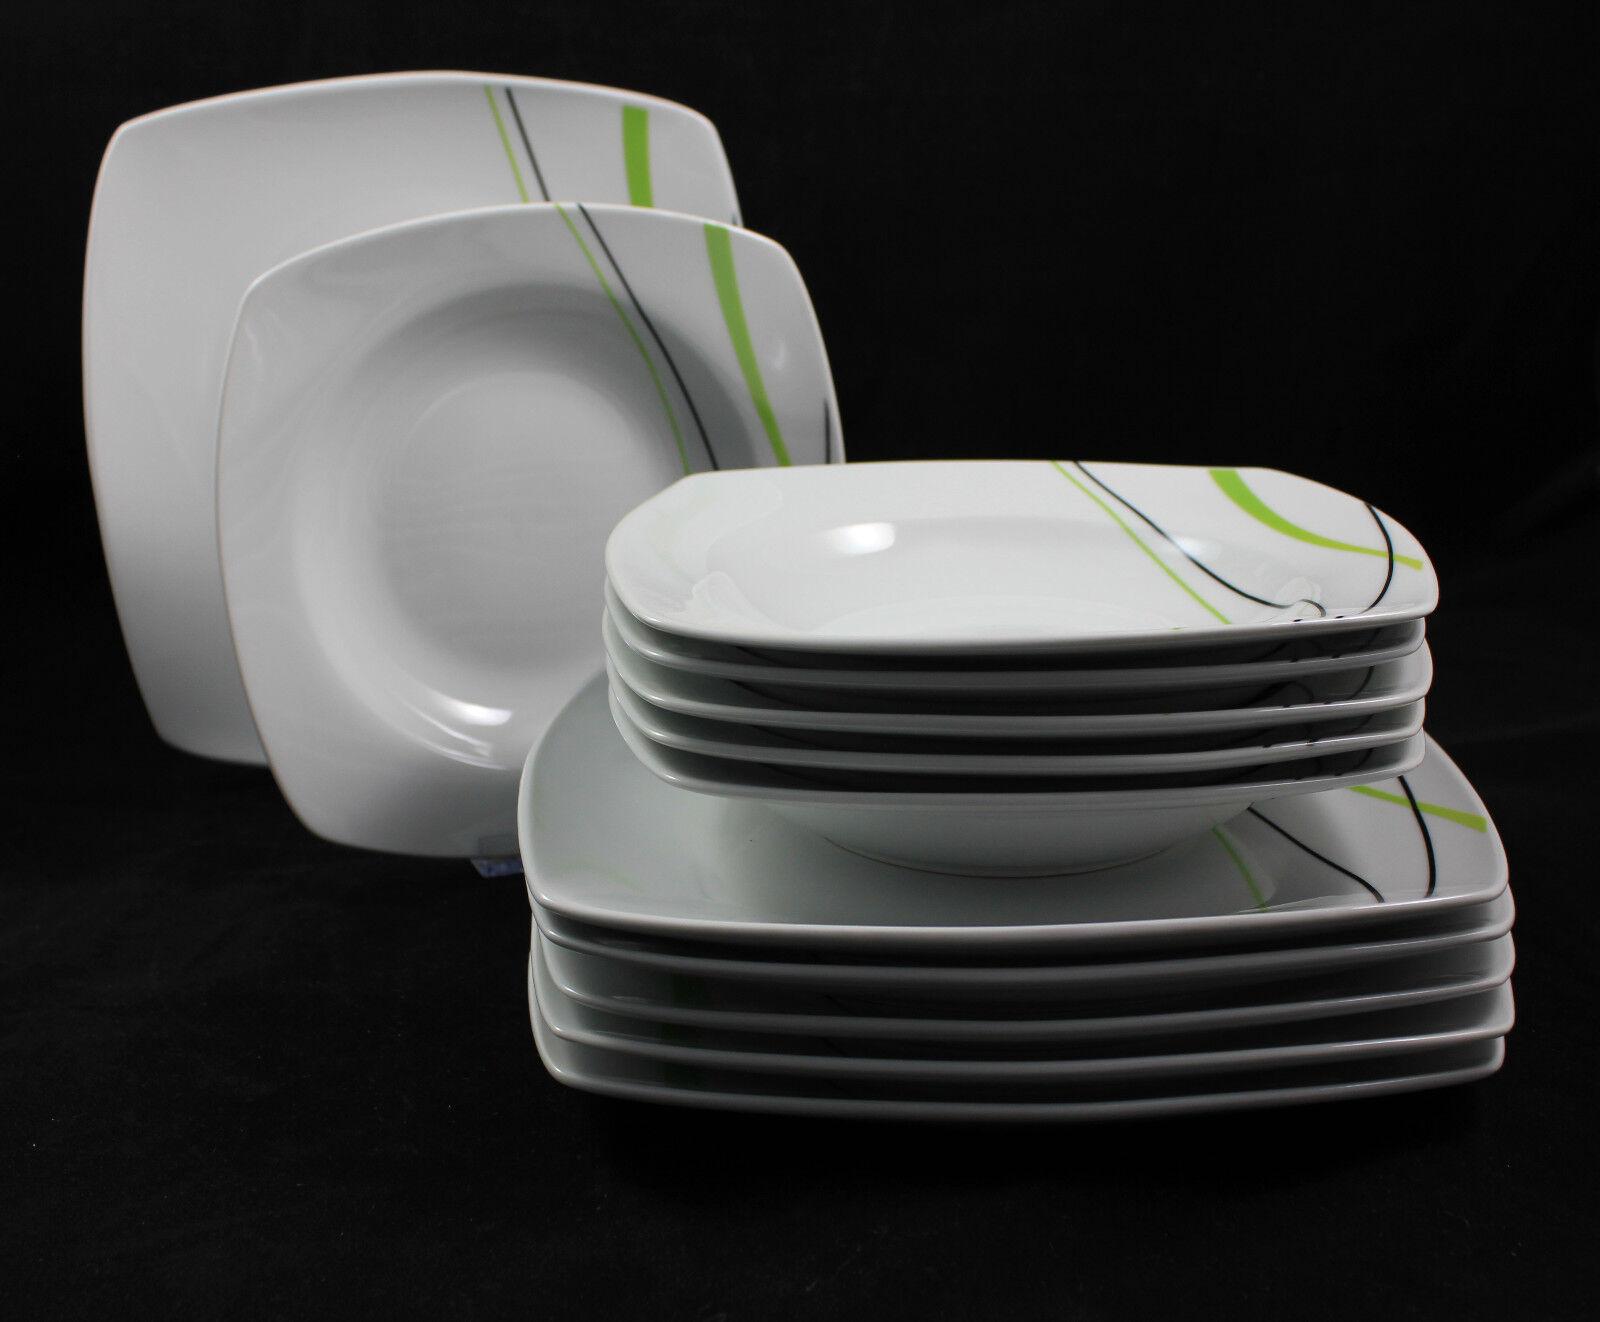 Servicio de mesa platos pizarra pizarra pizarra para vajilla 12 per 24tlg